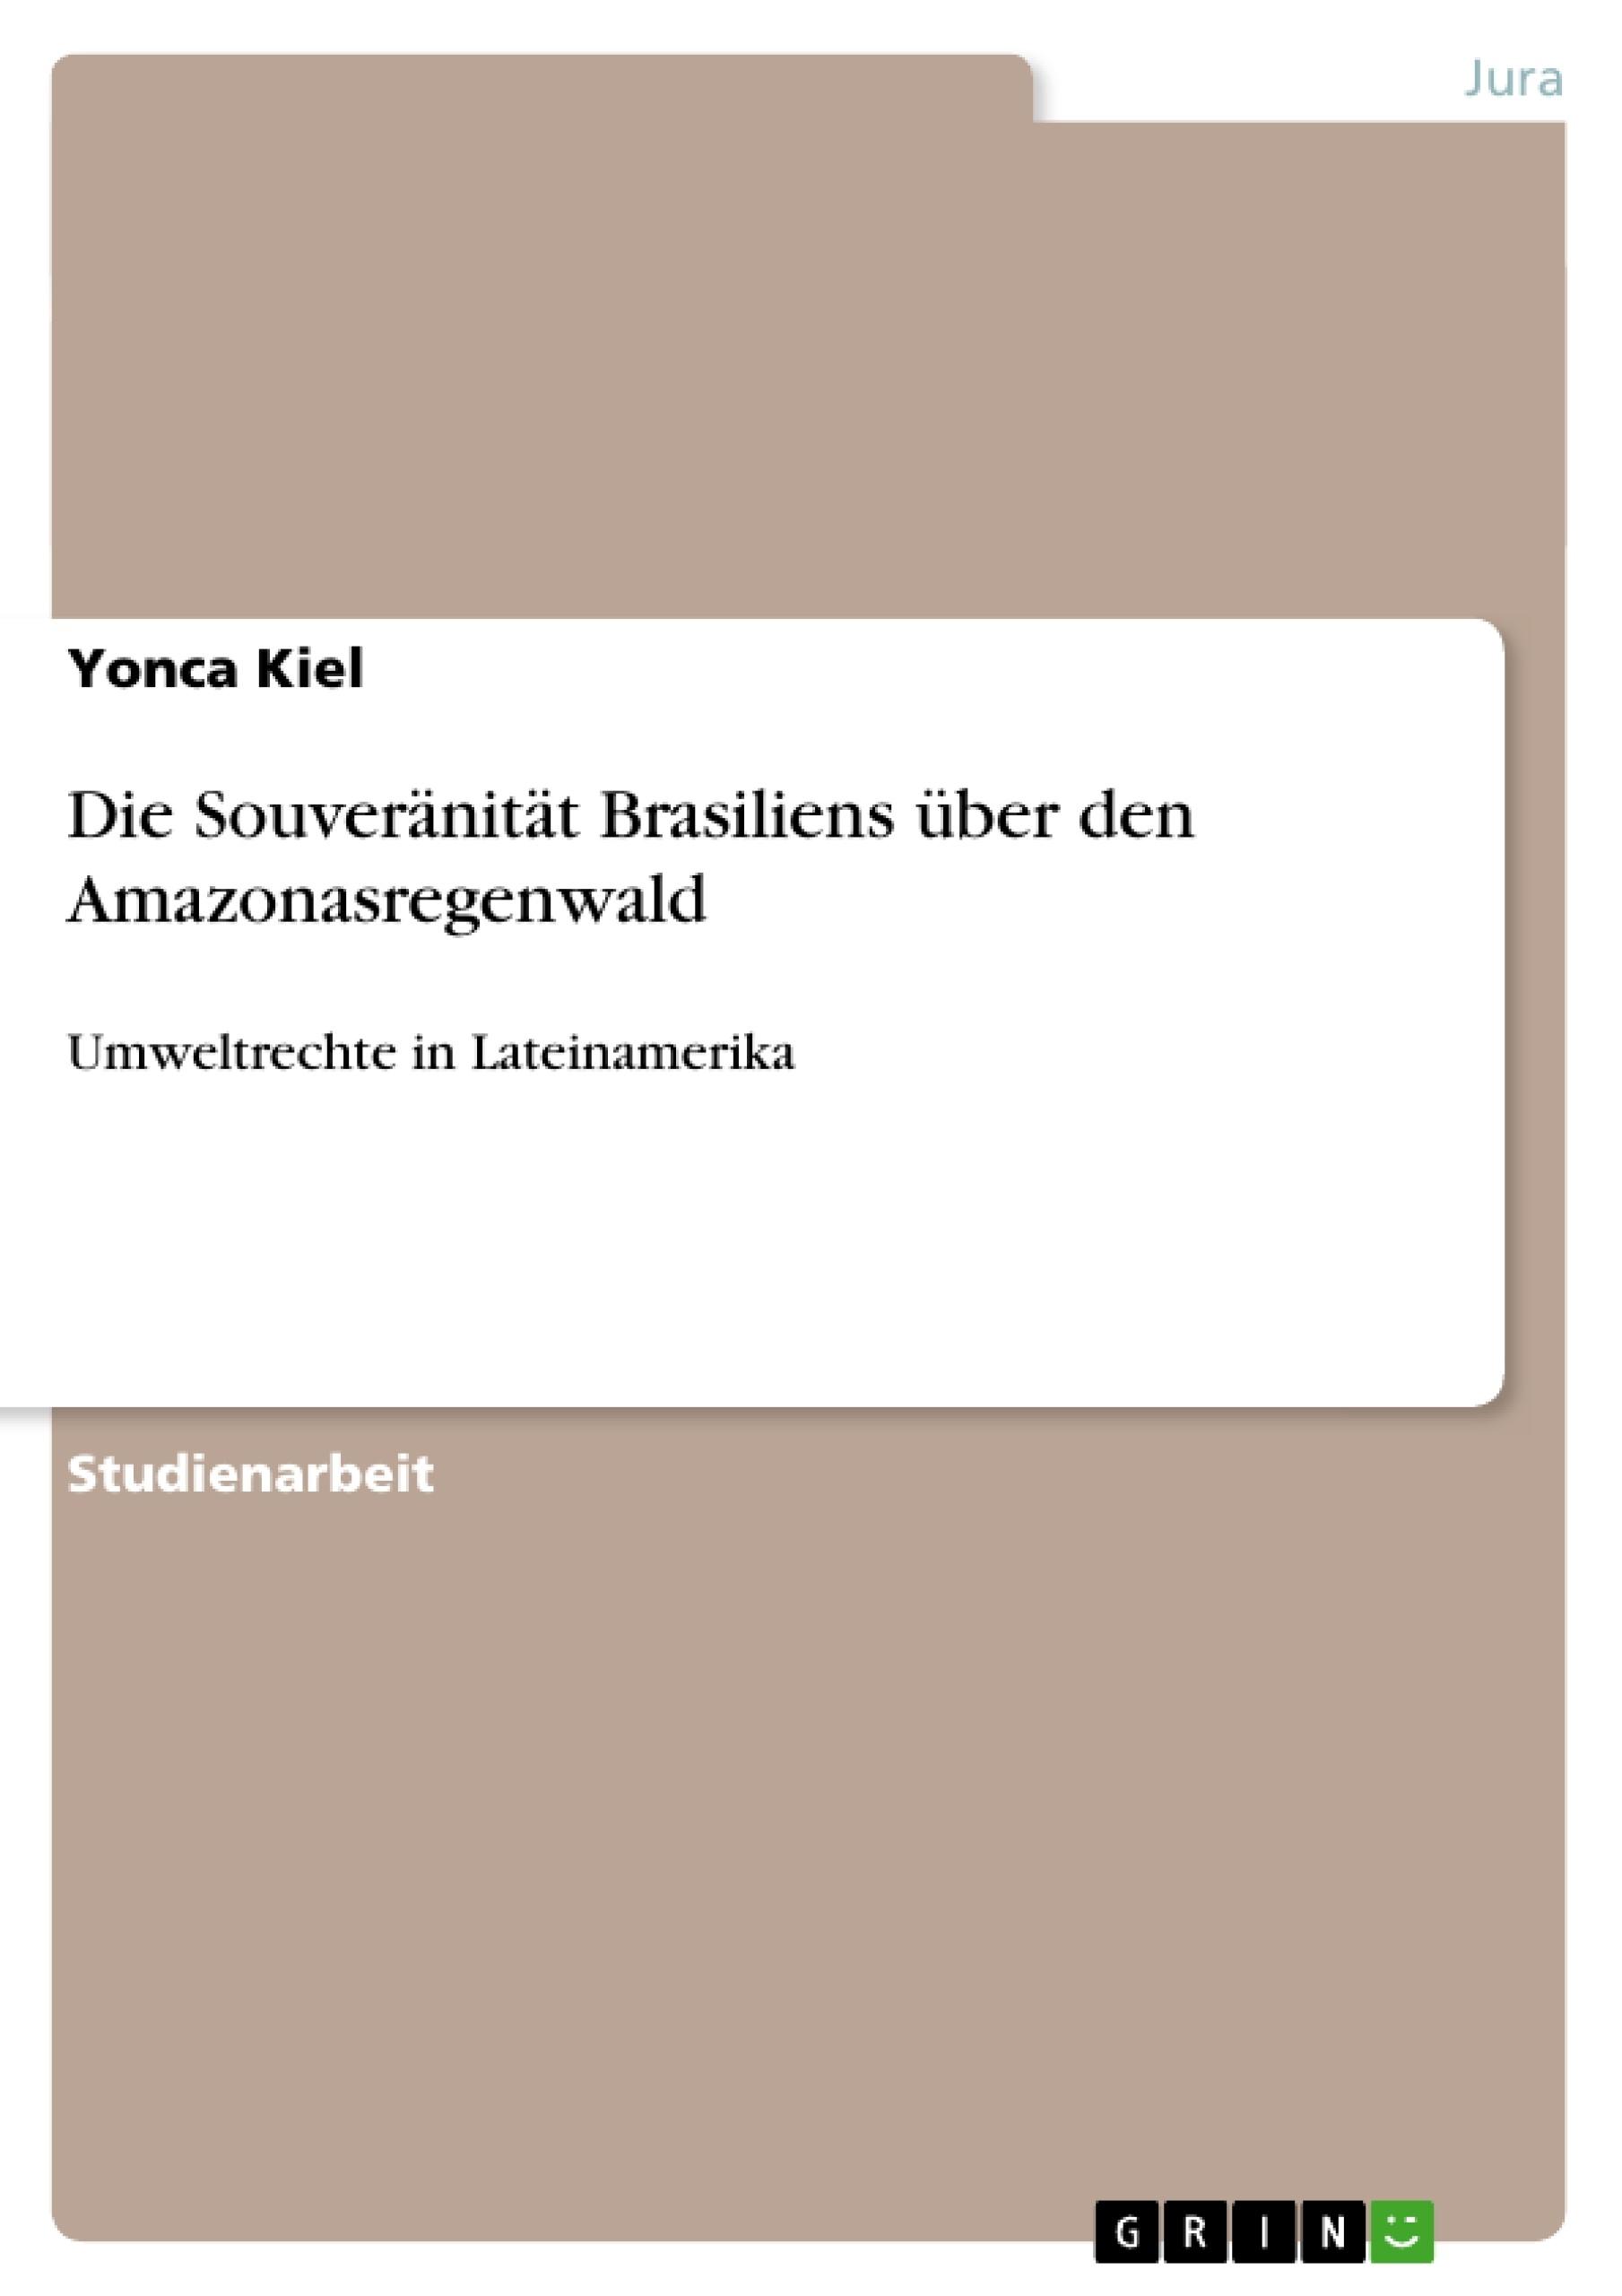 Titel: Die Souveränität Brasiliens über den Amazonasregenwald